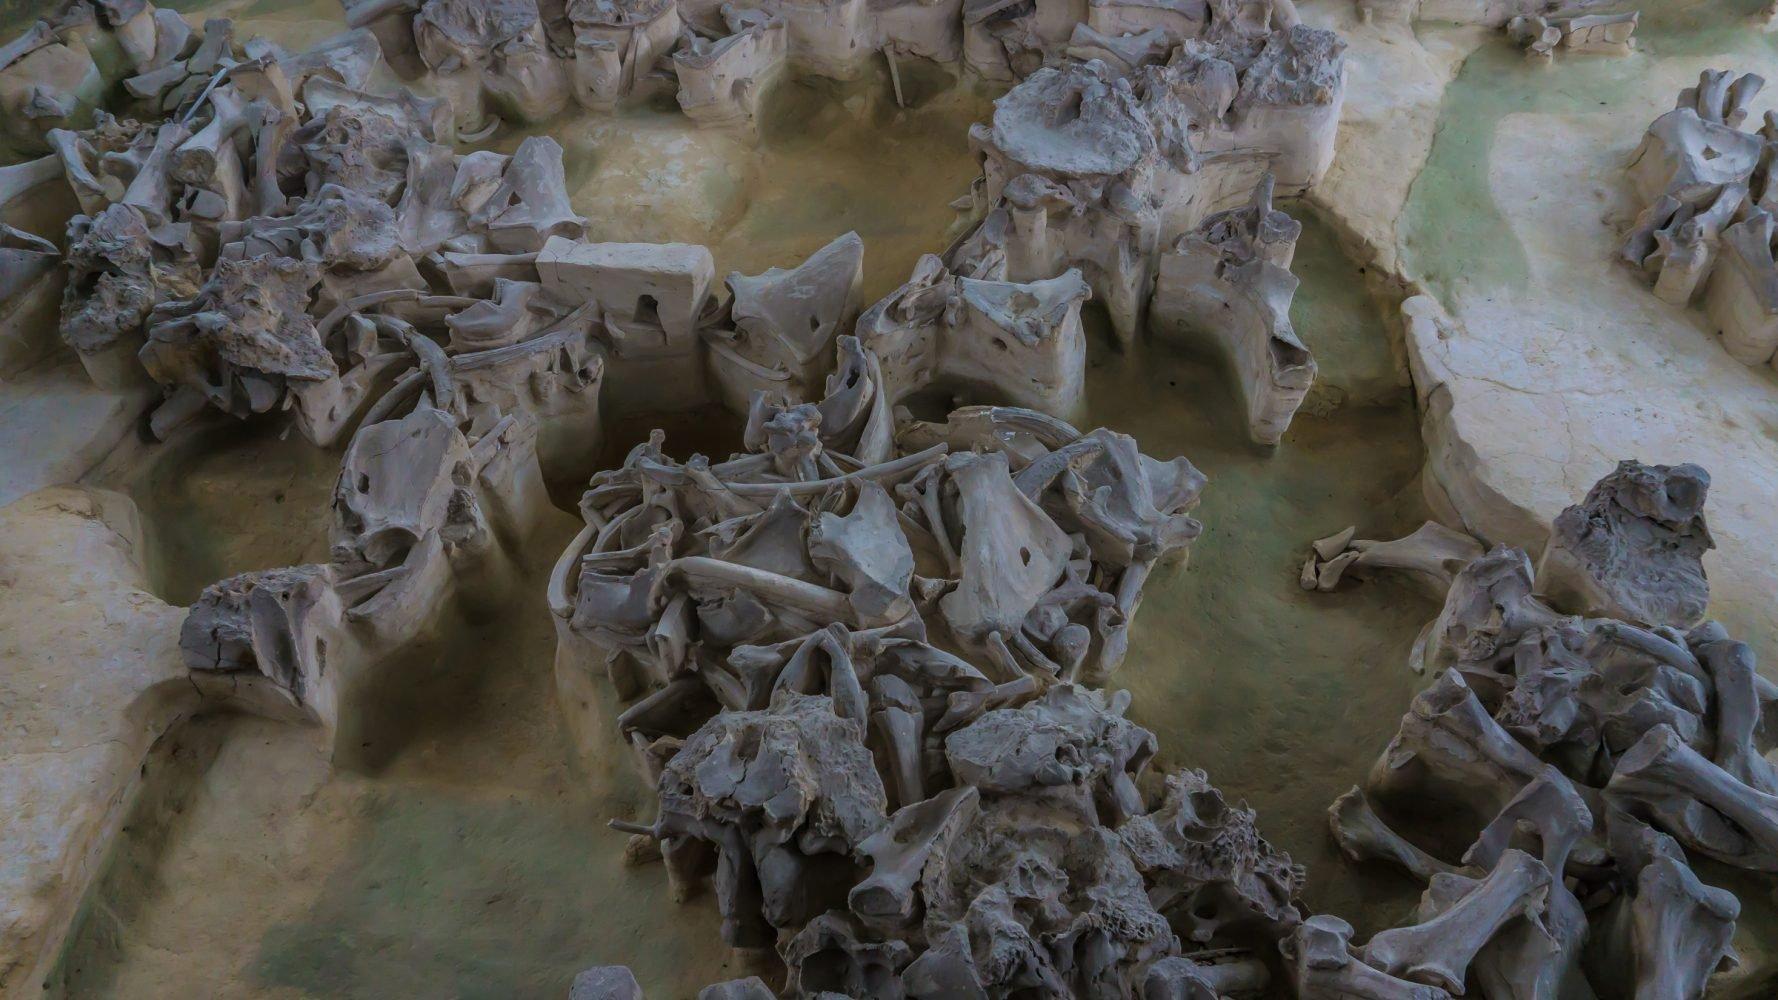 """Жилища - """"яранги""""  строились на фундаменте из черепов мамонтов, стены выкладывались из шкур и костей."""